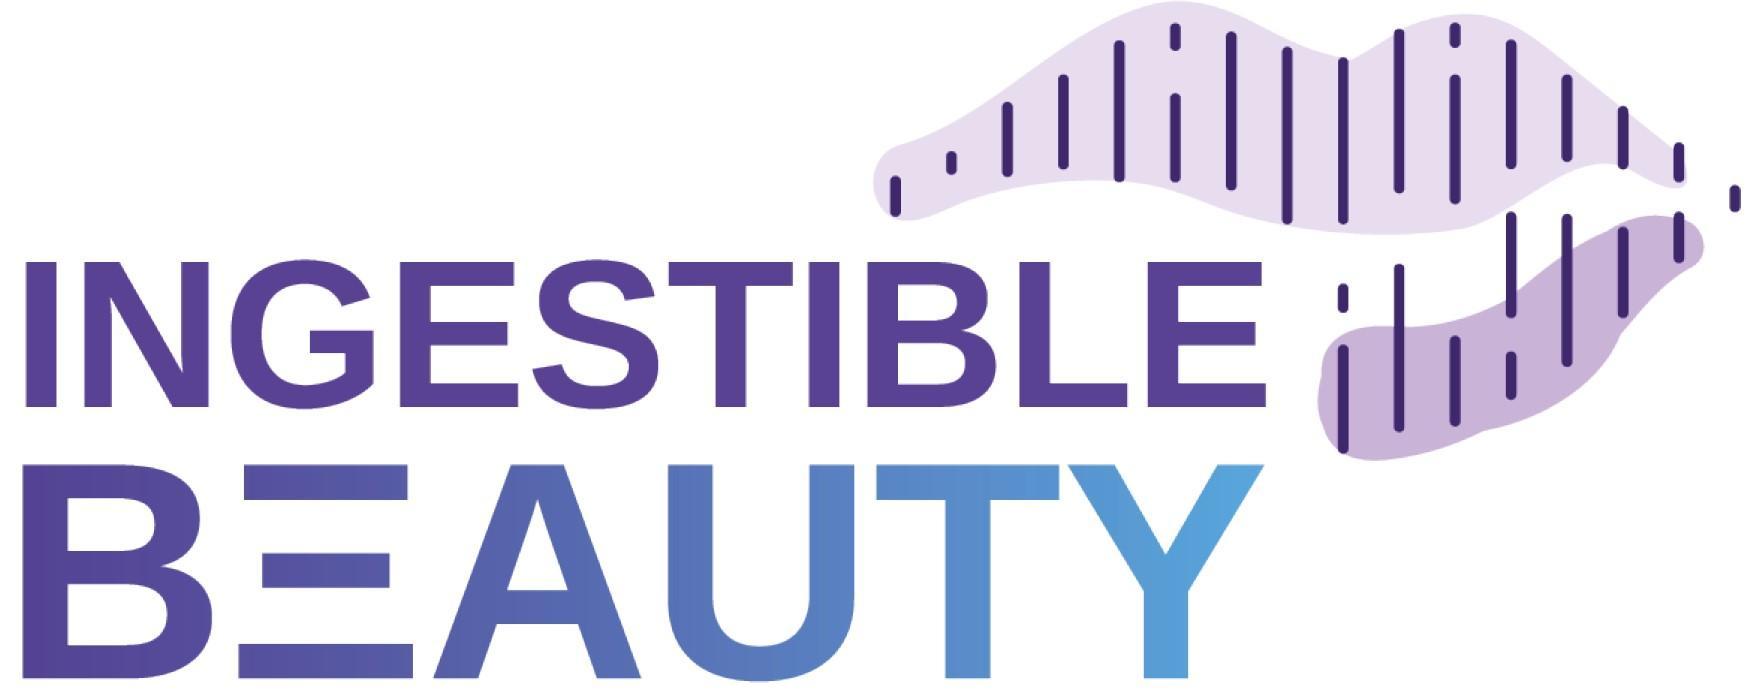 Ingestible Beauty Summit USA